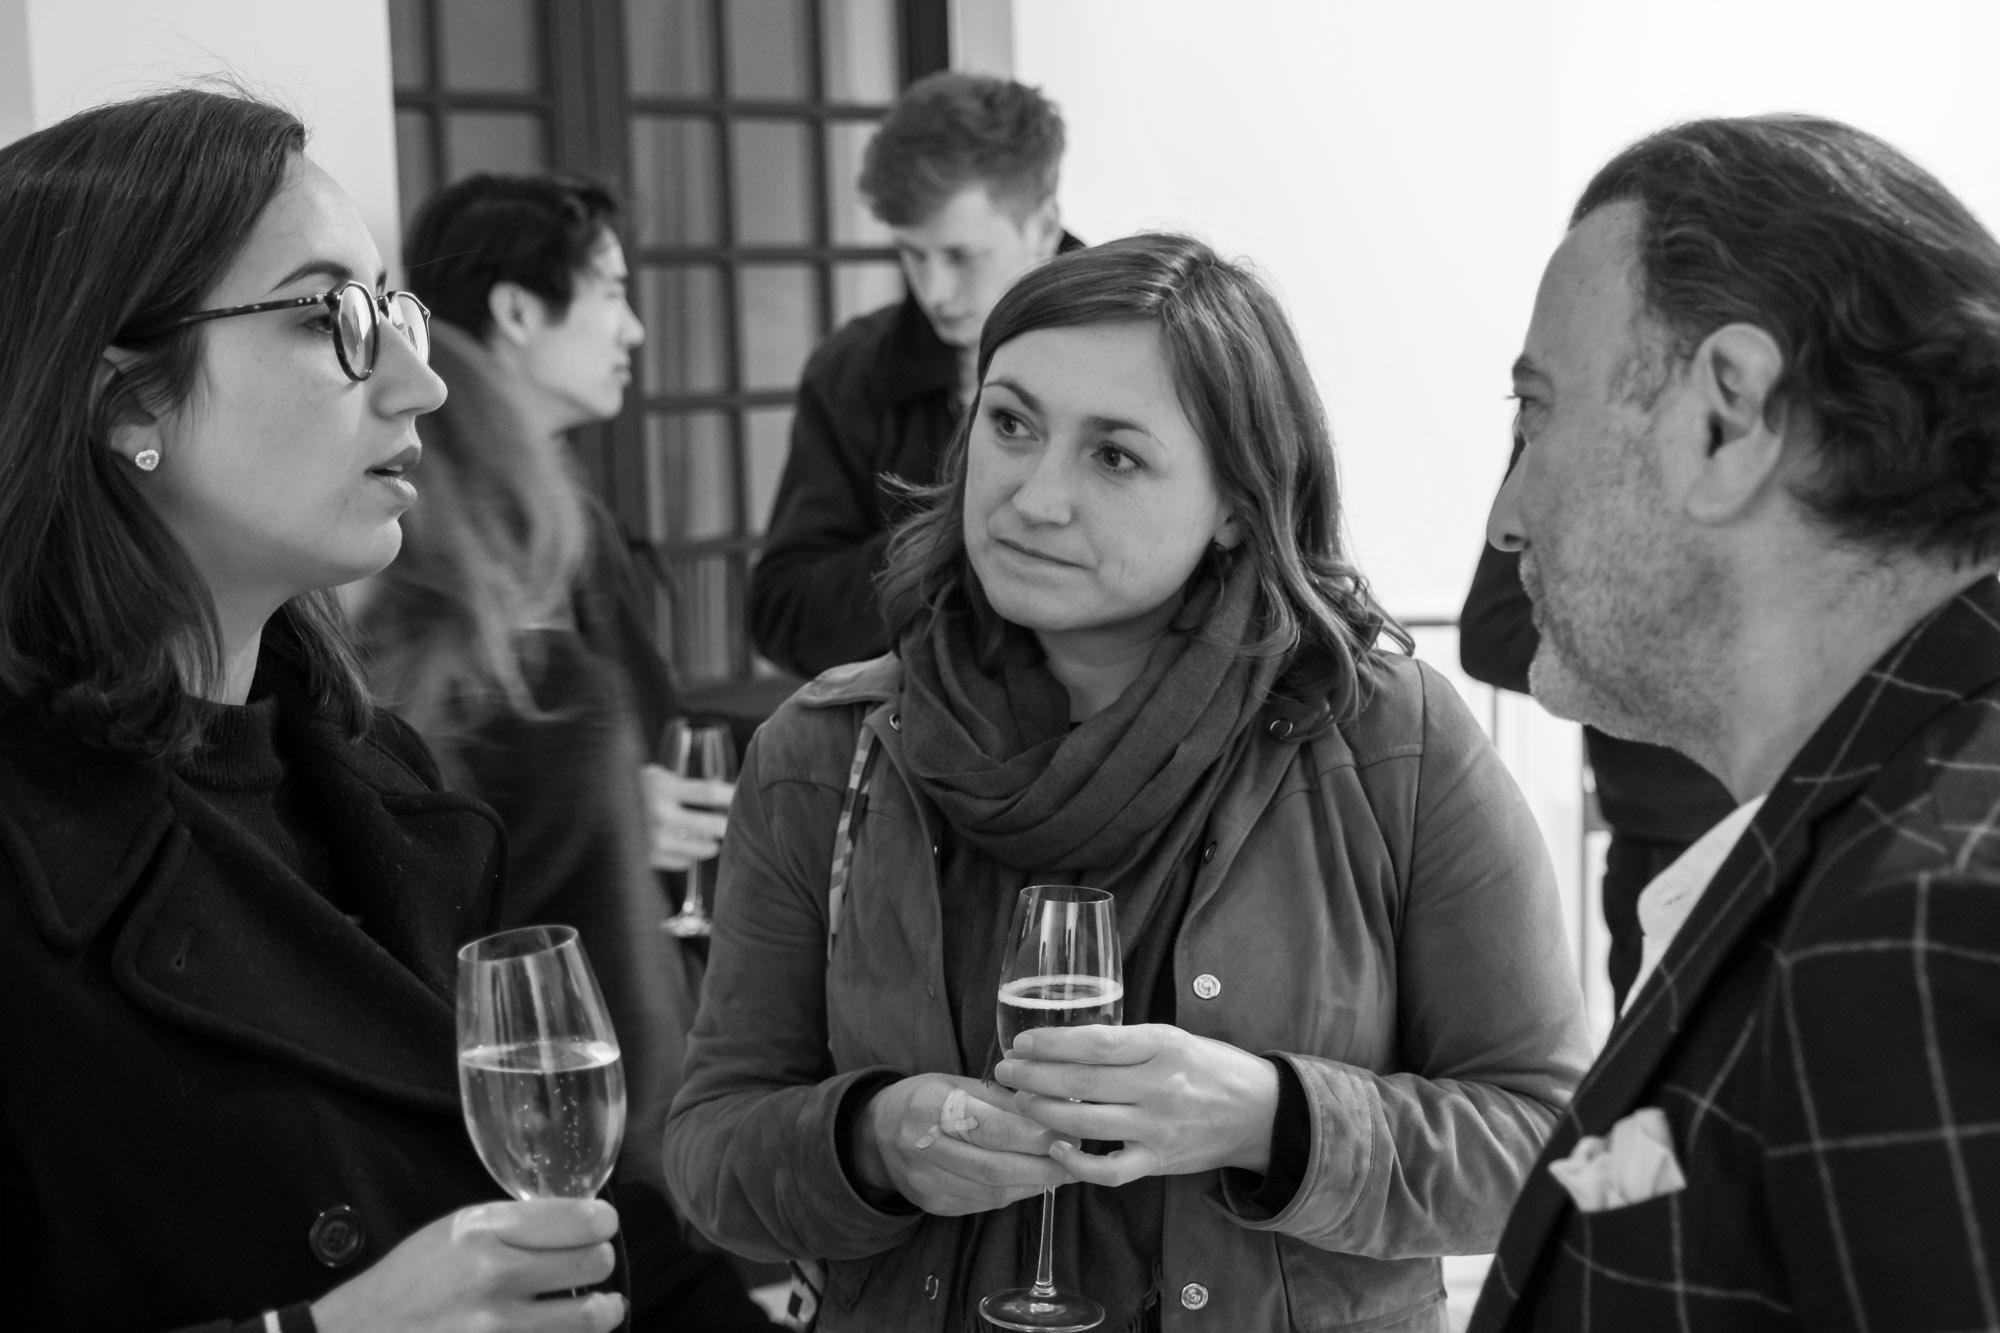 Opening of Mathias Kiss x Rollin & Brognon x Ionna Vautrin